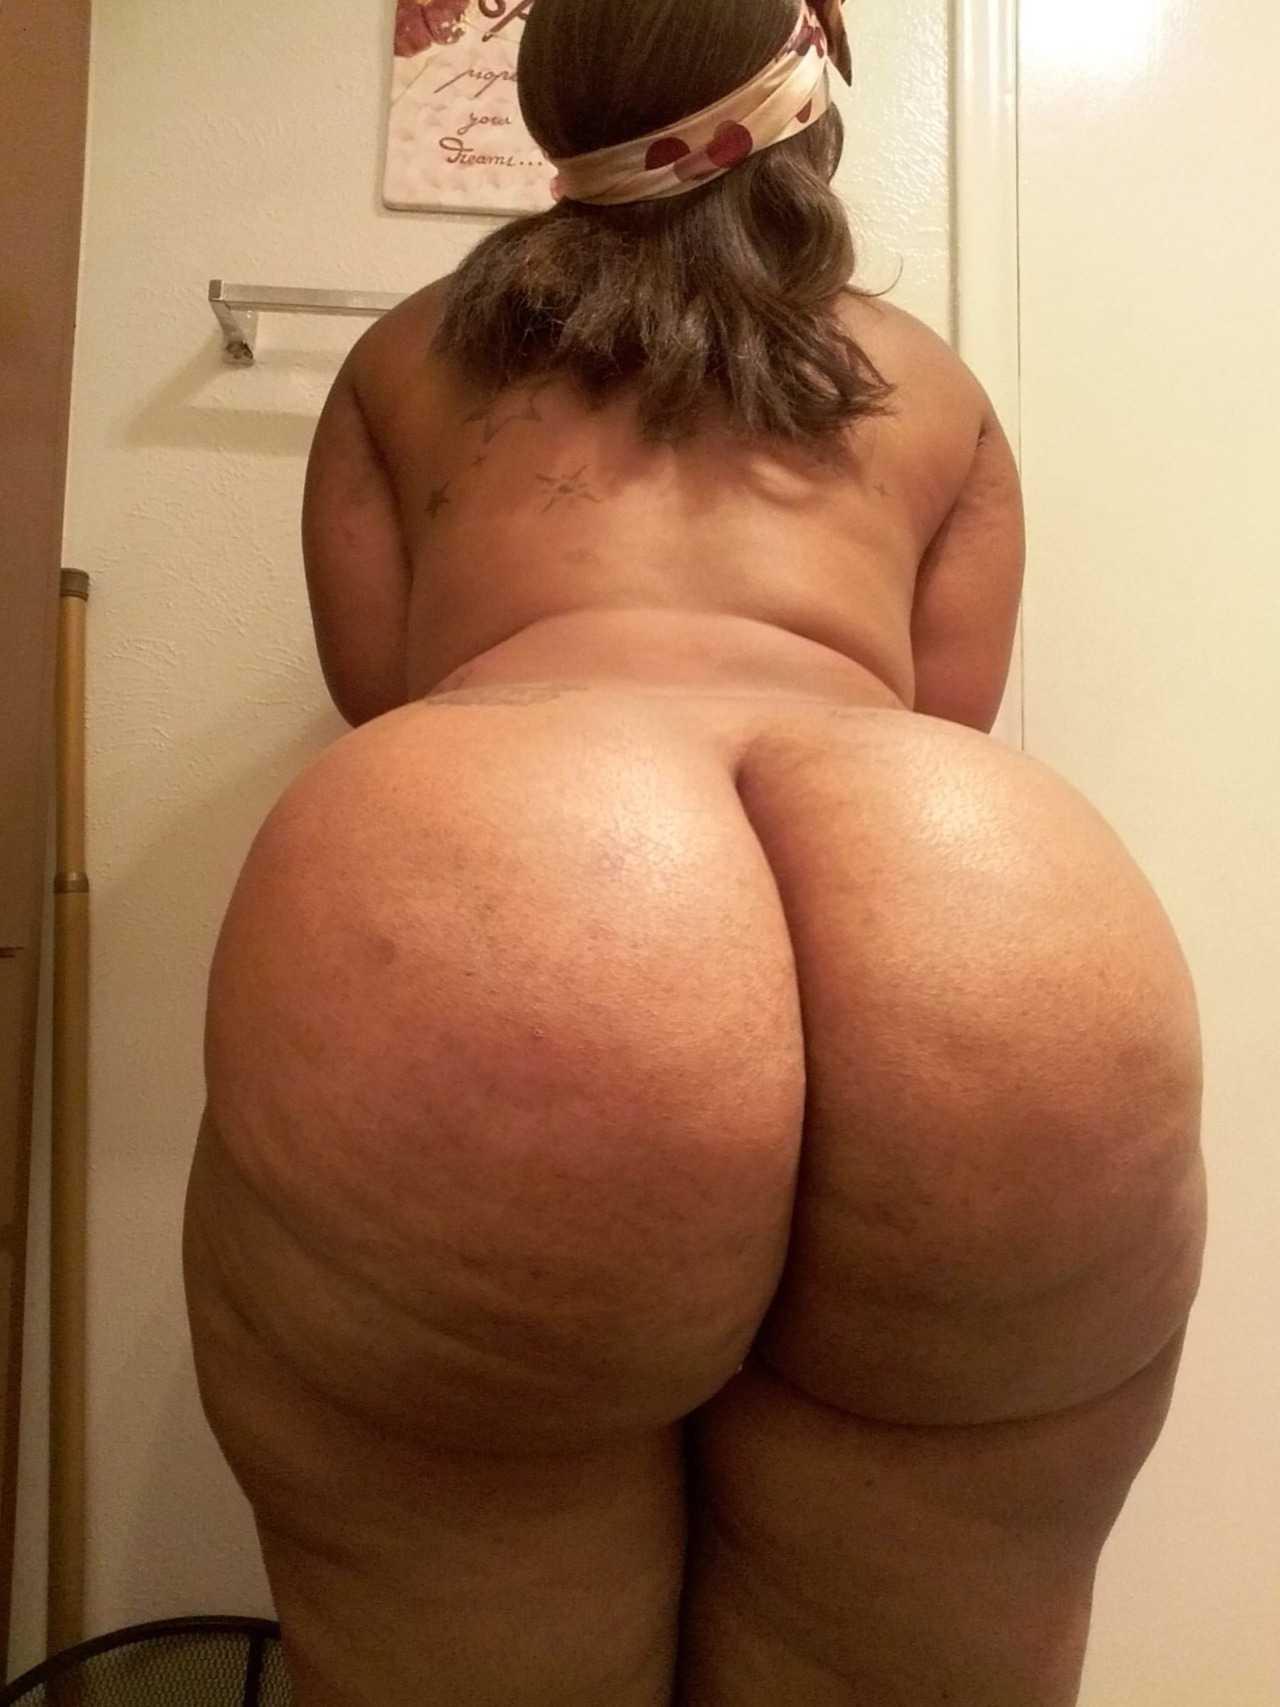 Крупные Женщины Мега Огромными Ягодицами Голые Видео